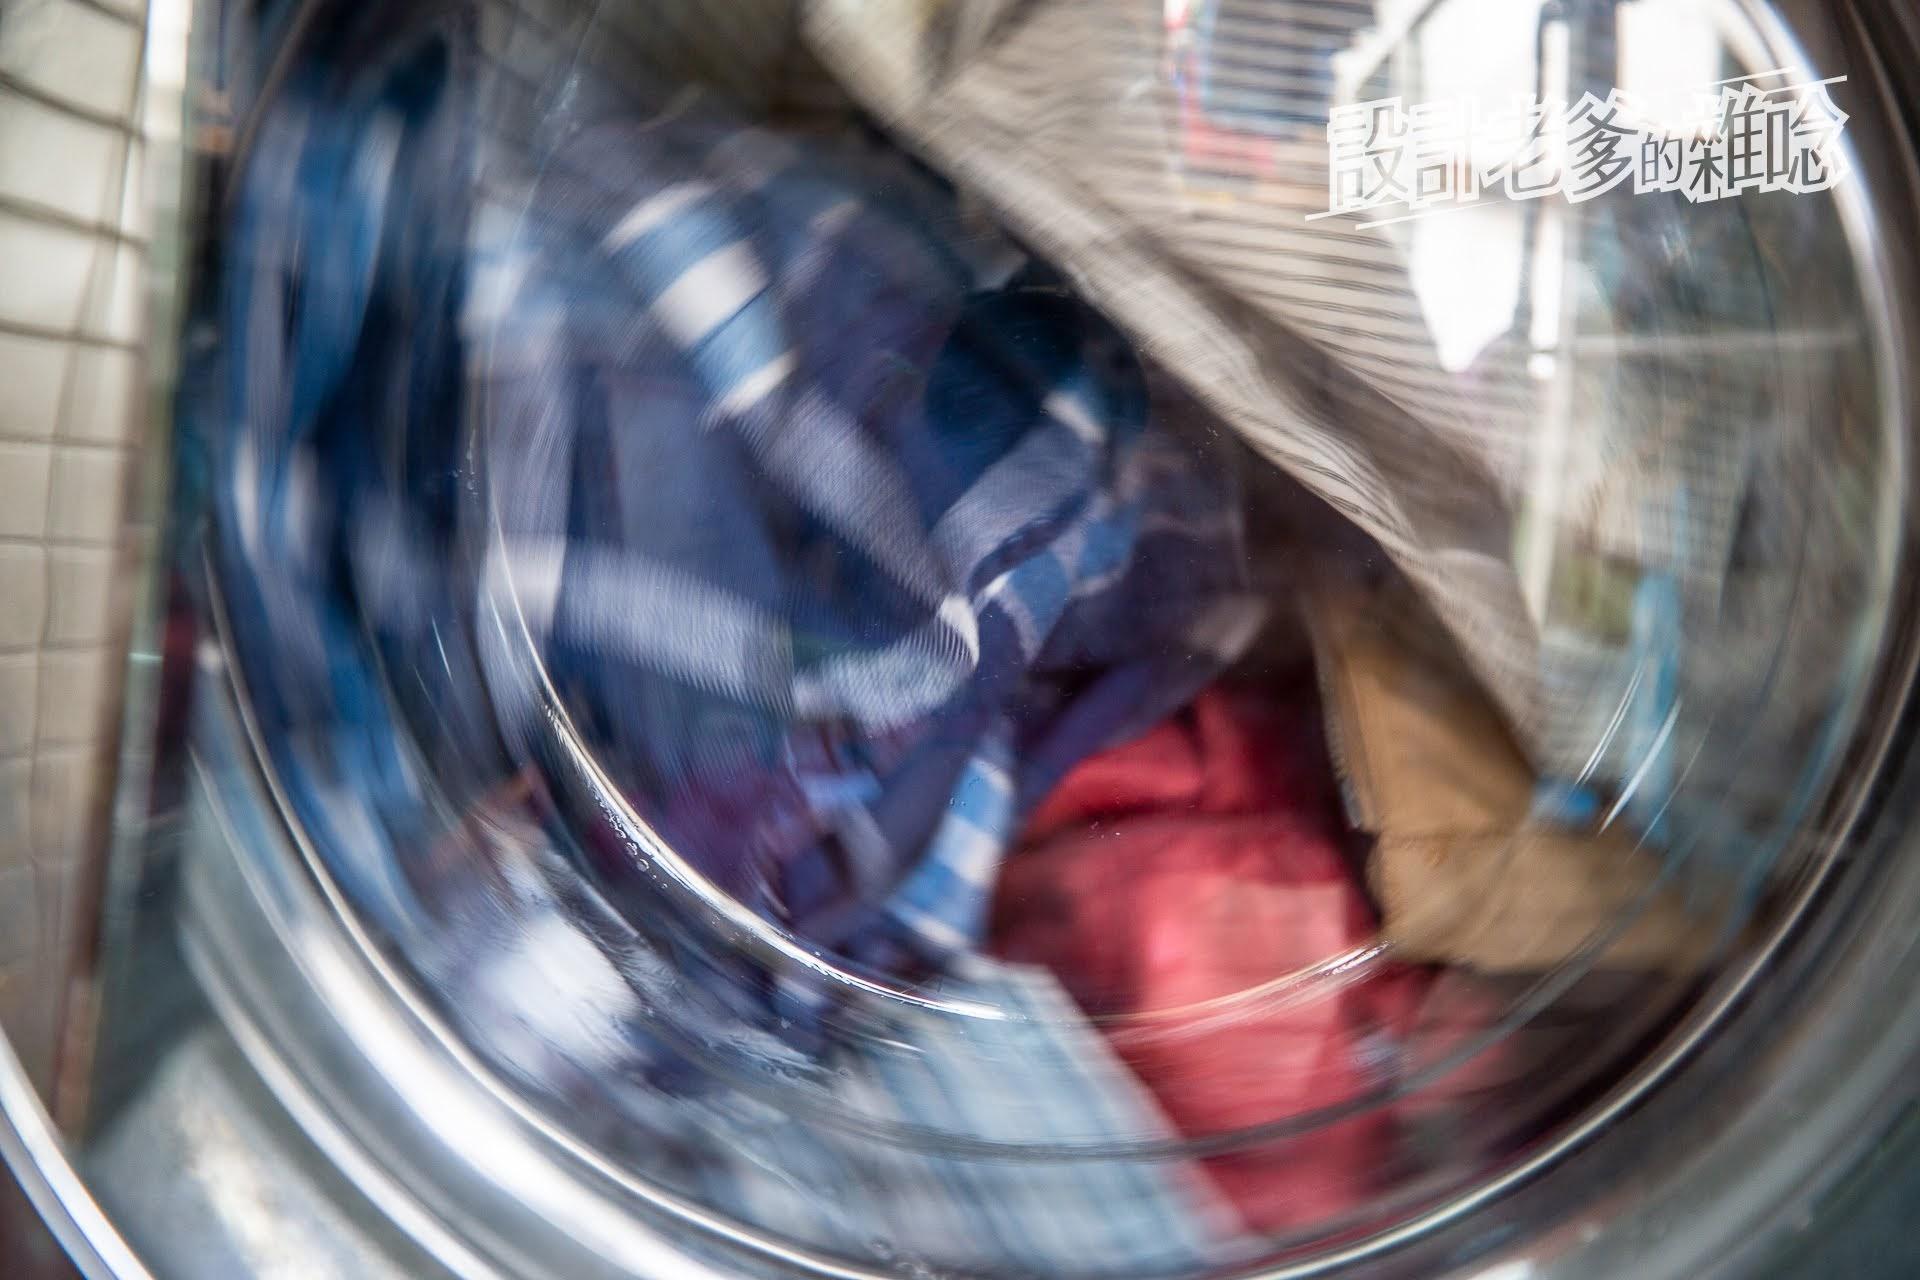 就連洗衣服都可以力行環保人生喔!...ecostore超濃縮環保洗衣精